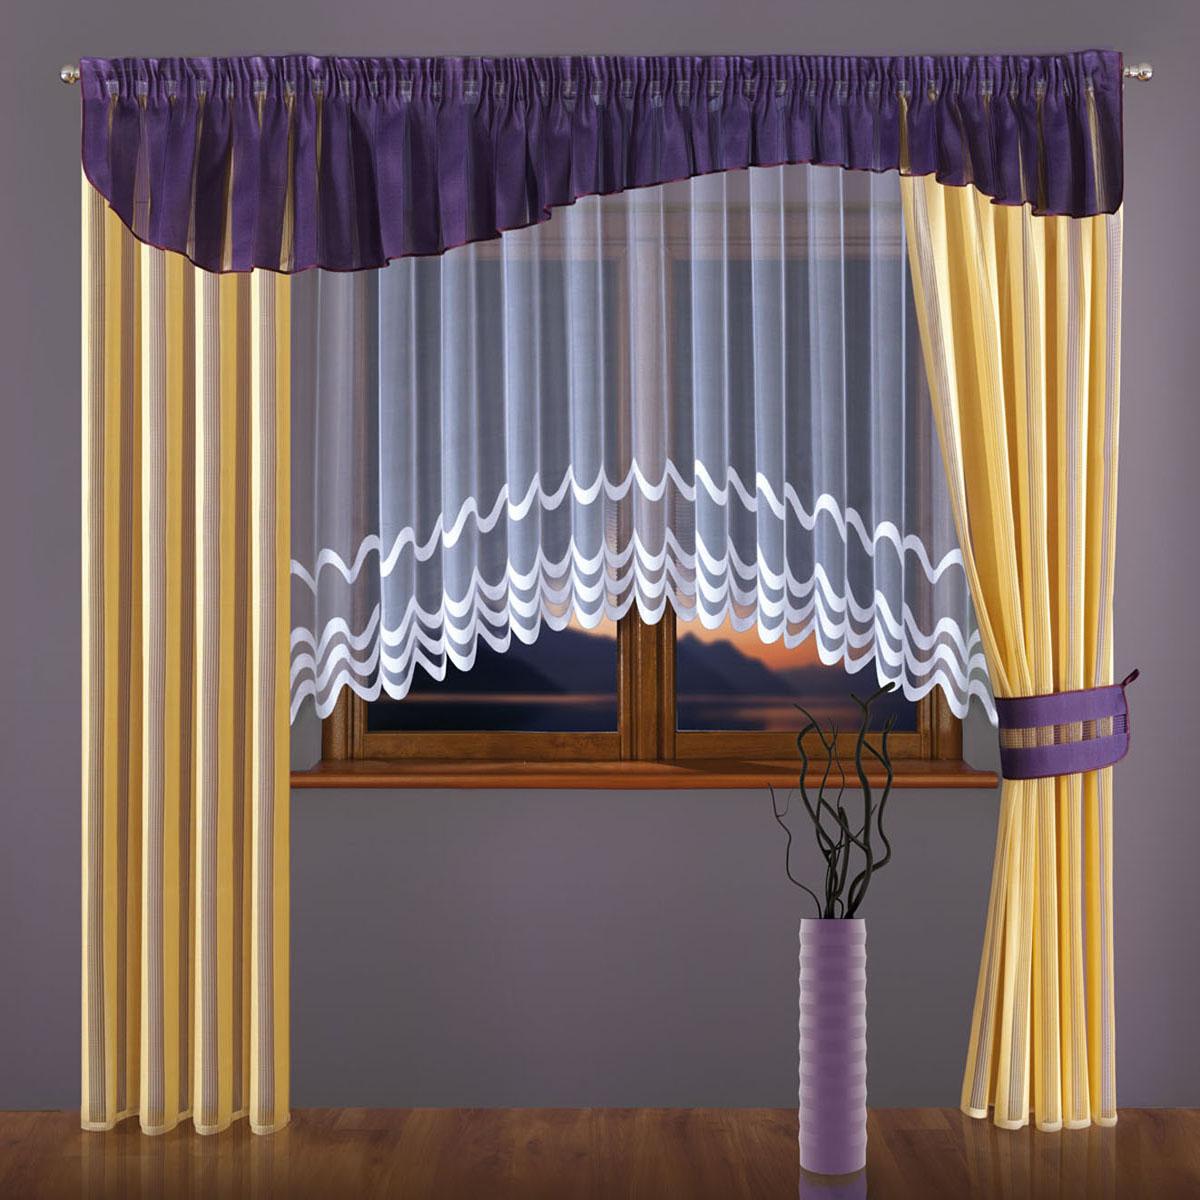 Комплект штор Wisan, цвет: фиолетовый, кремовый, высота 240 см. 093W093Wсетчатые портьеры, полупрозрачные, крепление - шторная лентаРазмеры: тюль ширина 400* выс.160, шторы (ширина 150* выс.240)*2, ламбрекен 400*50